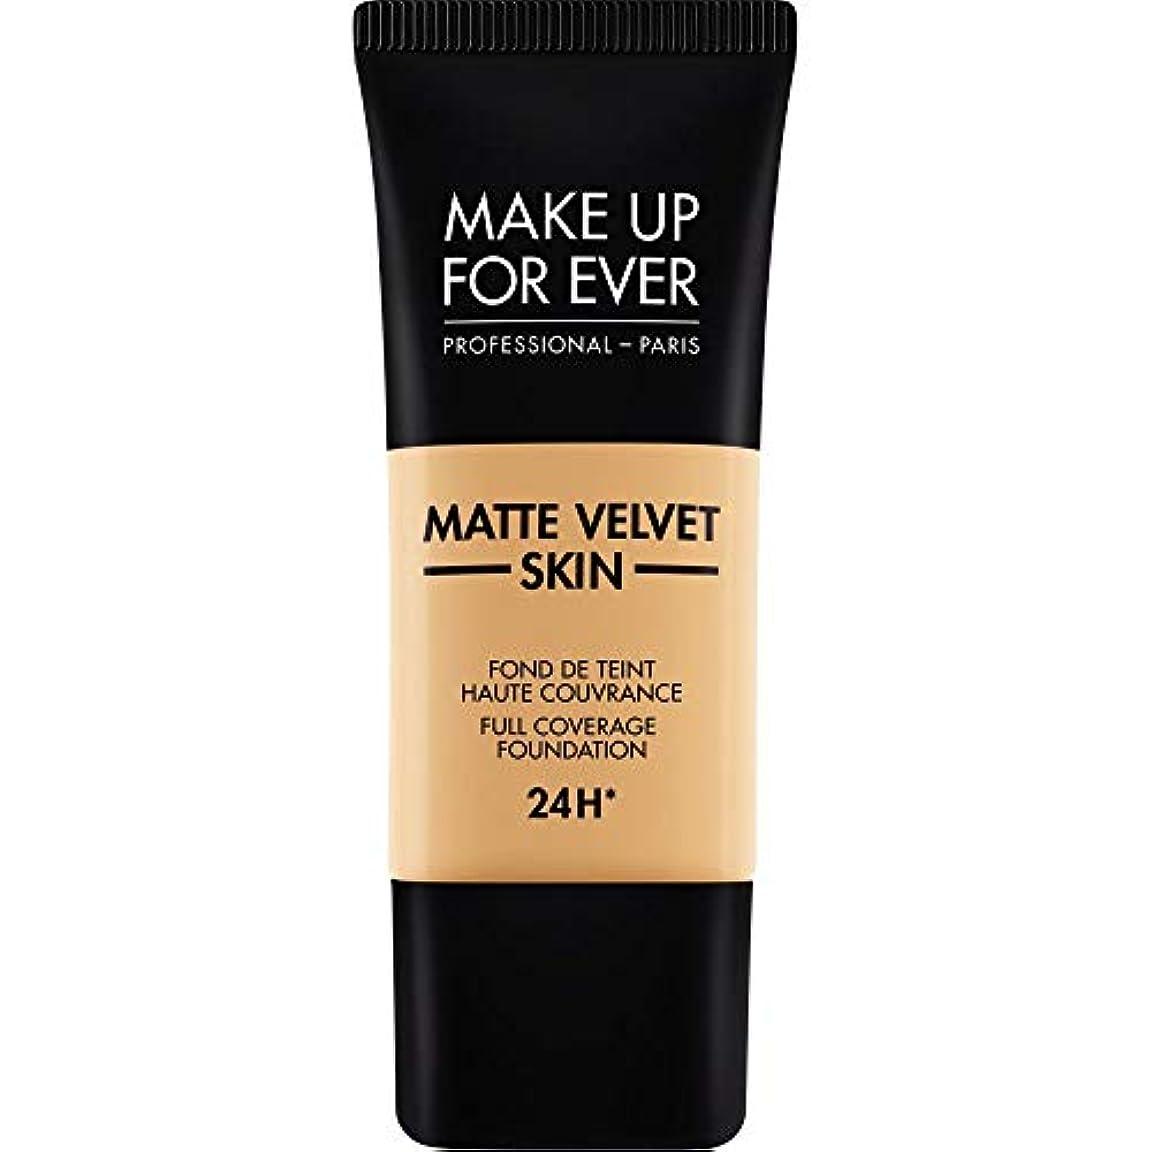 聖なる略す資本[MAKE UP FOR EVER] これまでマットベルベットの皮膚のフルカバレッジ基礎30ミリリットルのY365を補う - 砂漠 - MAKE UP FOR EVER Matte Velvet Skin Full Coverage...